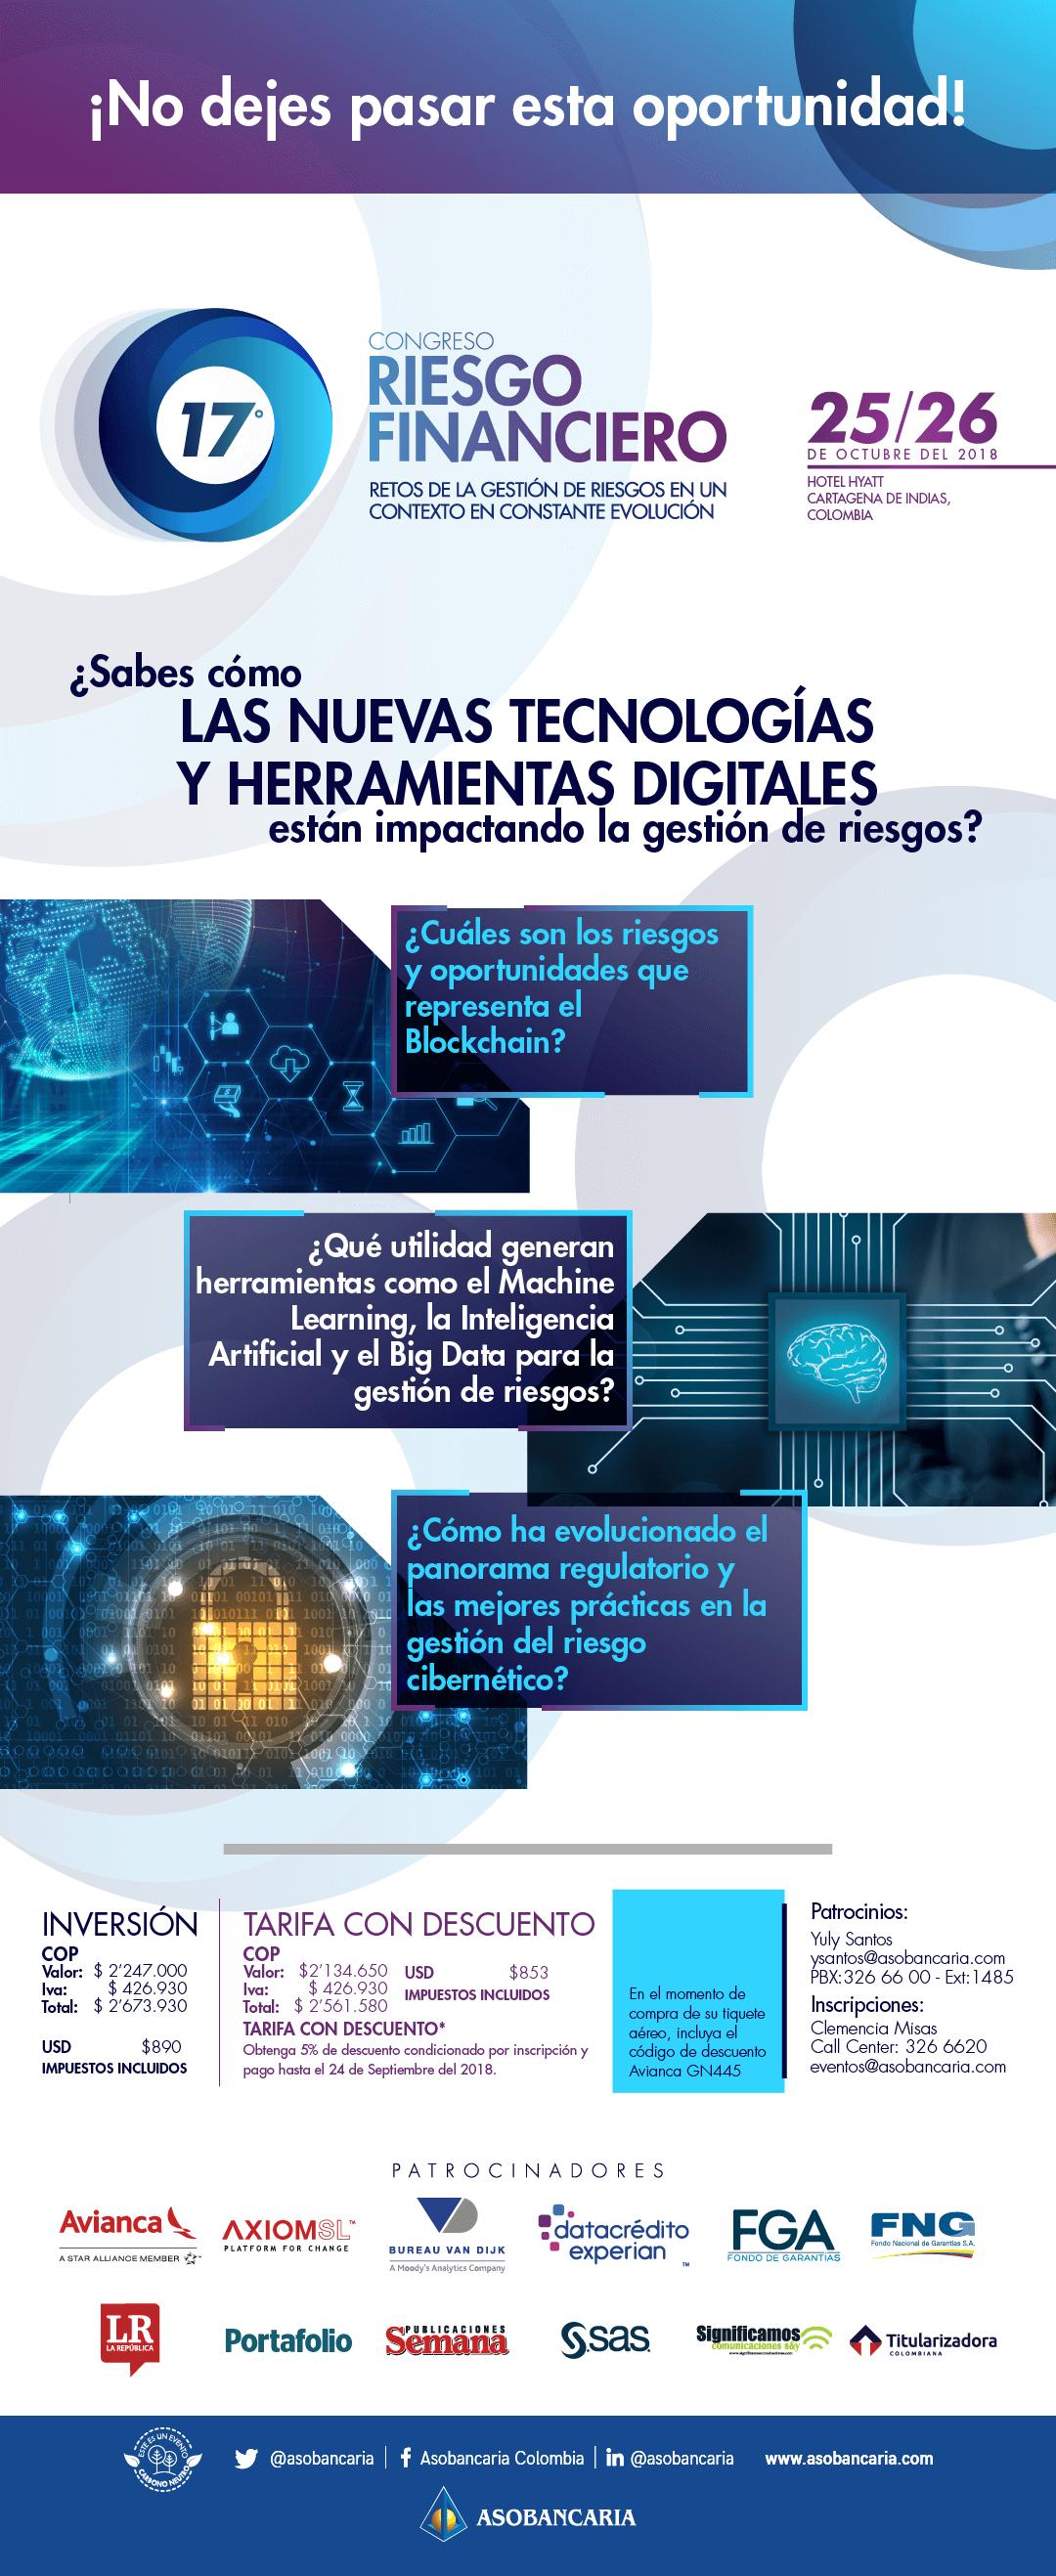 Nuevas tecnologías y herramientas digitales